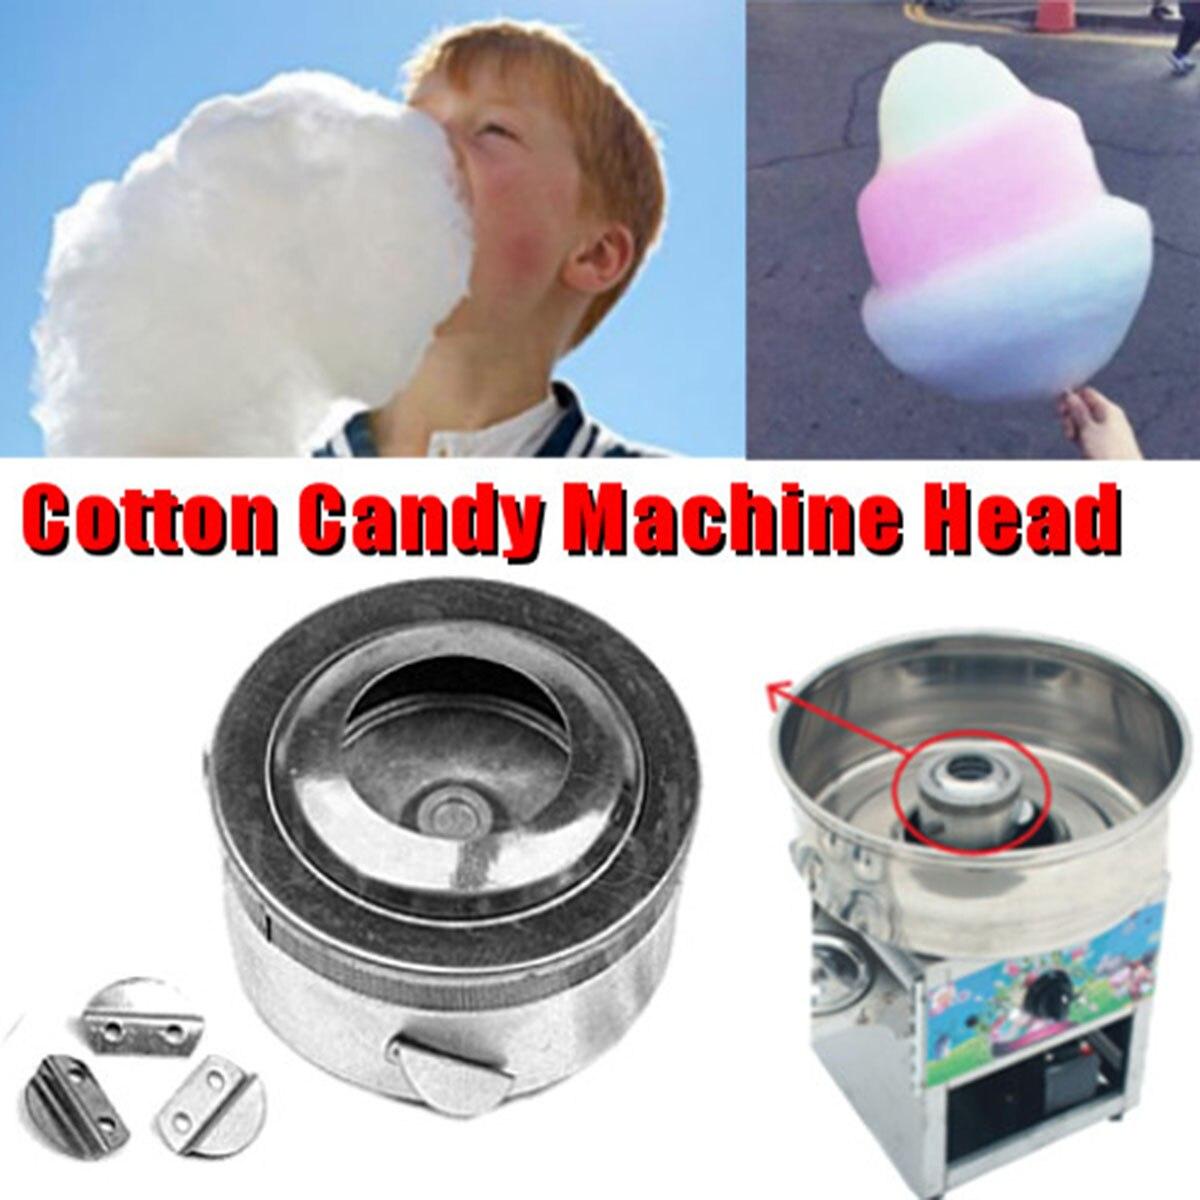 Cotton Candy Machine Head Machine Sugar Extractor Sugar Head Cotton Candy  Machine Accessories